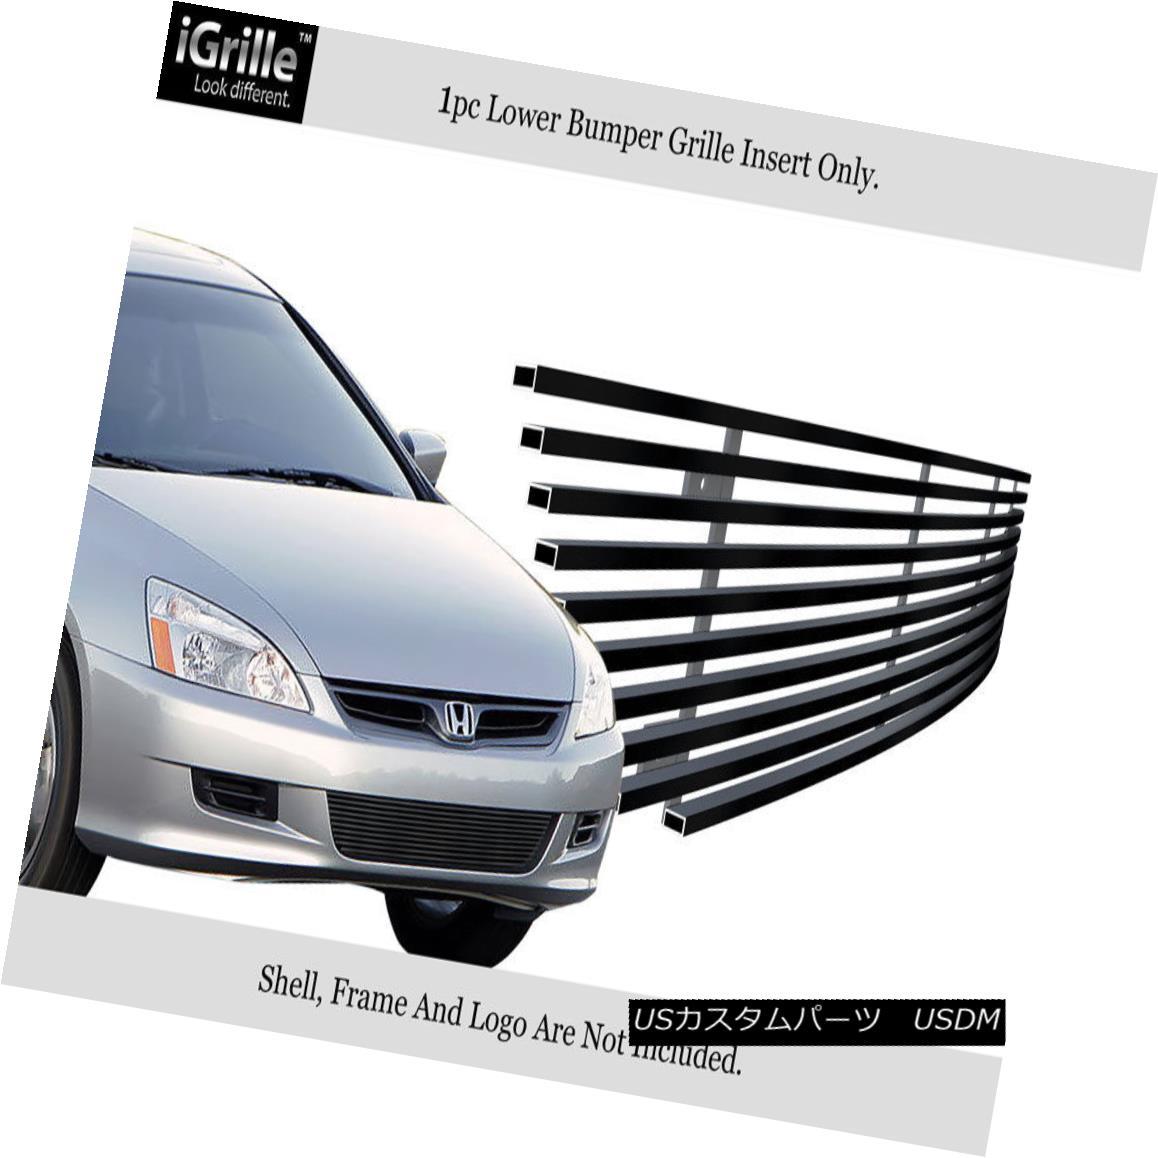 グリル For 06-07 Honda Accord Coupe Black Bumper Stainless Steel Billet Grille Insert 06-07ホンダアコードクーペブラックバンパーステンレス鋼ビレットグリルインサート